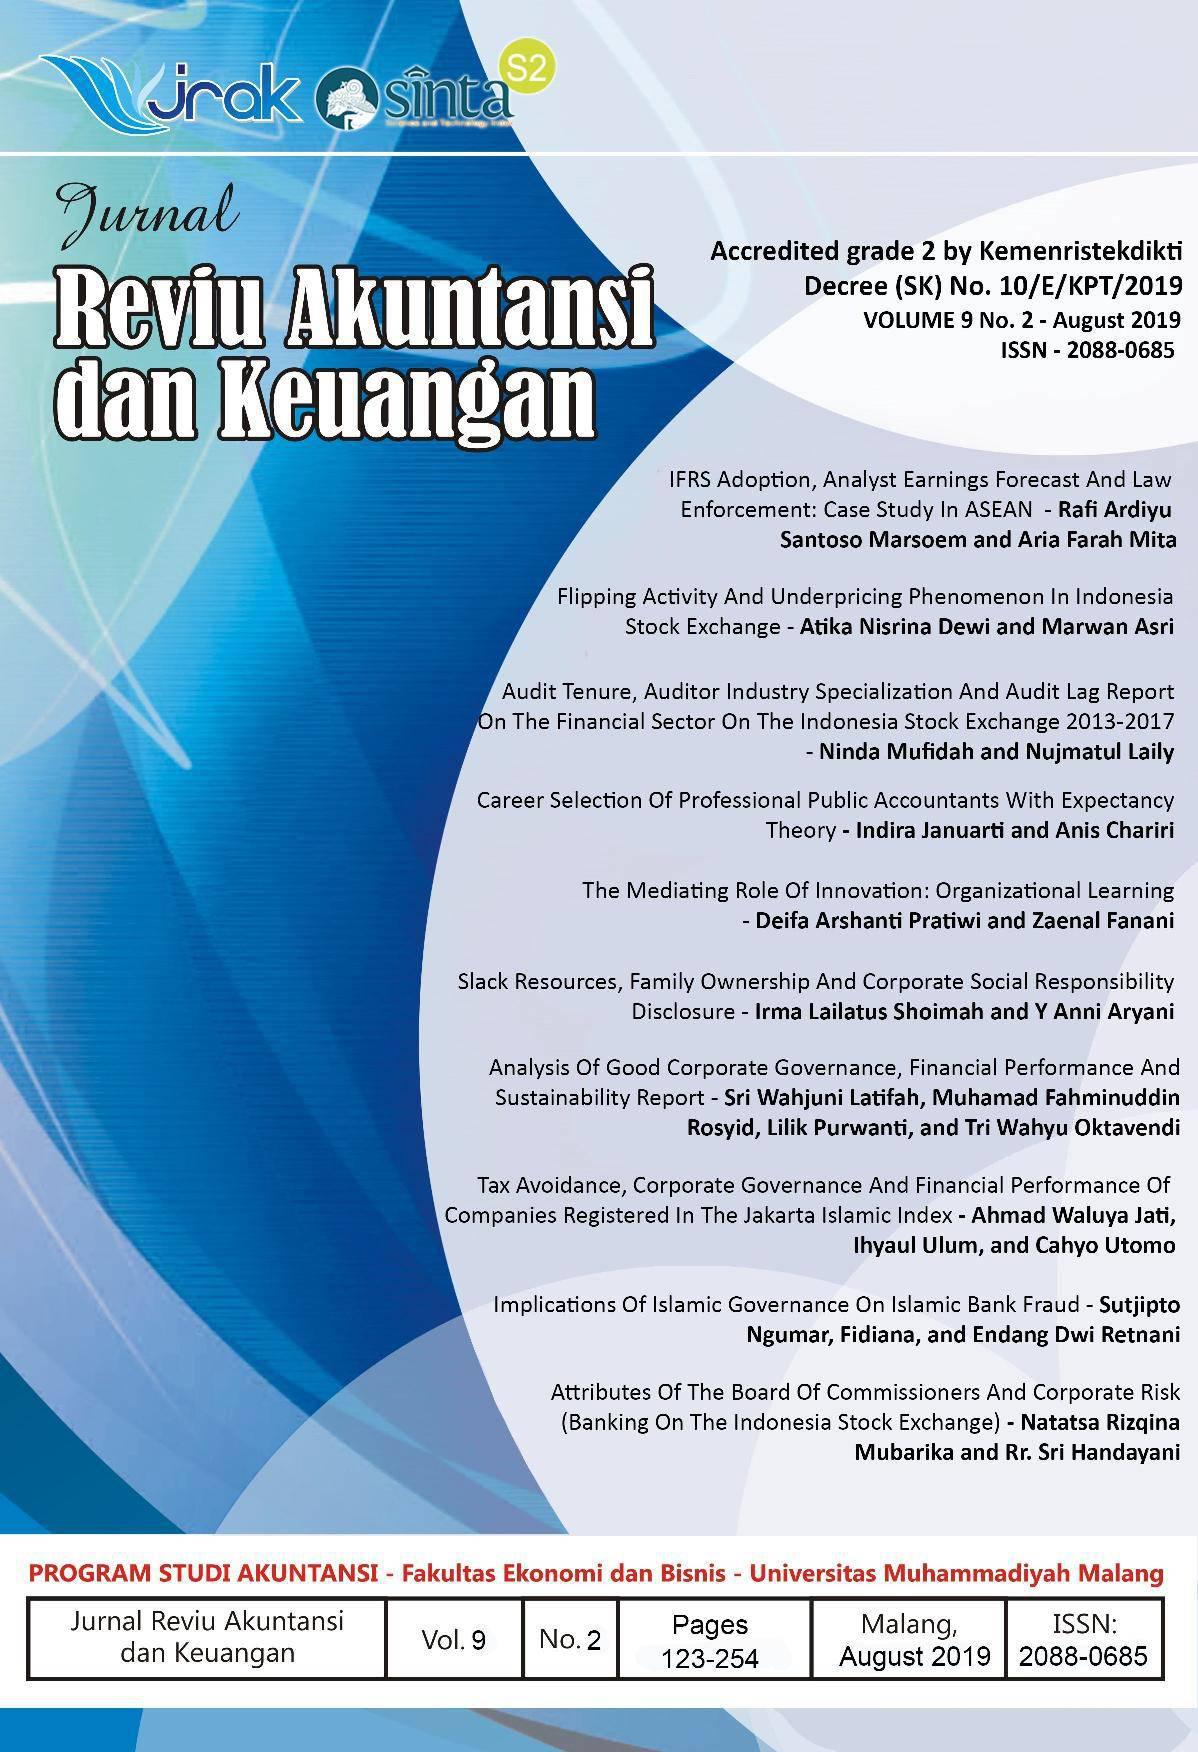 View Vol. 9 No. 2: Jurnal Reviu Akuntansi Dan Keuangan